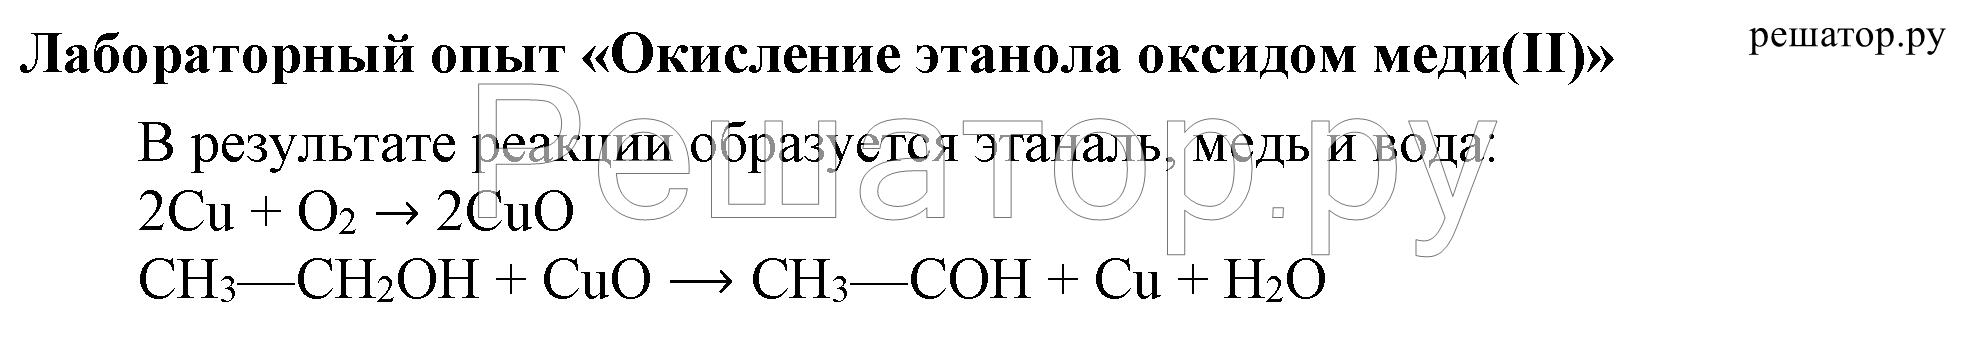 Получение альдегидов окислением этанола оксидом меди